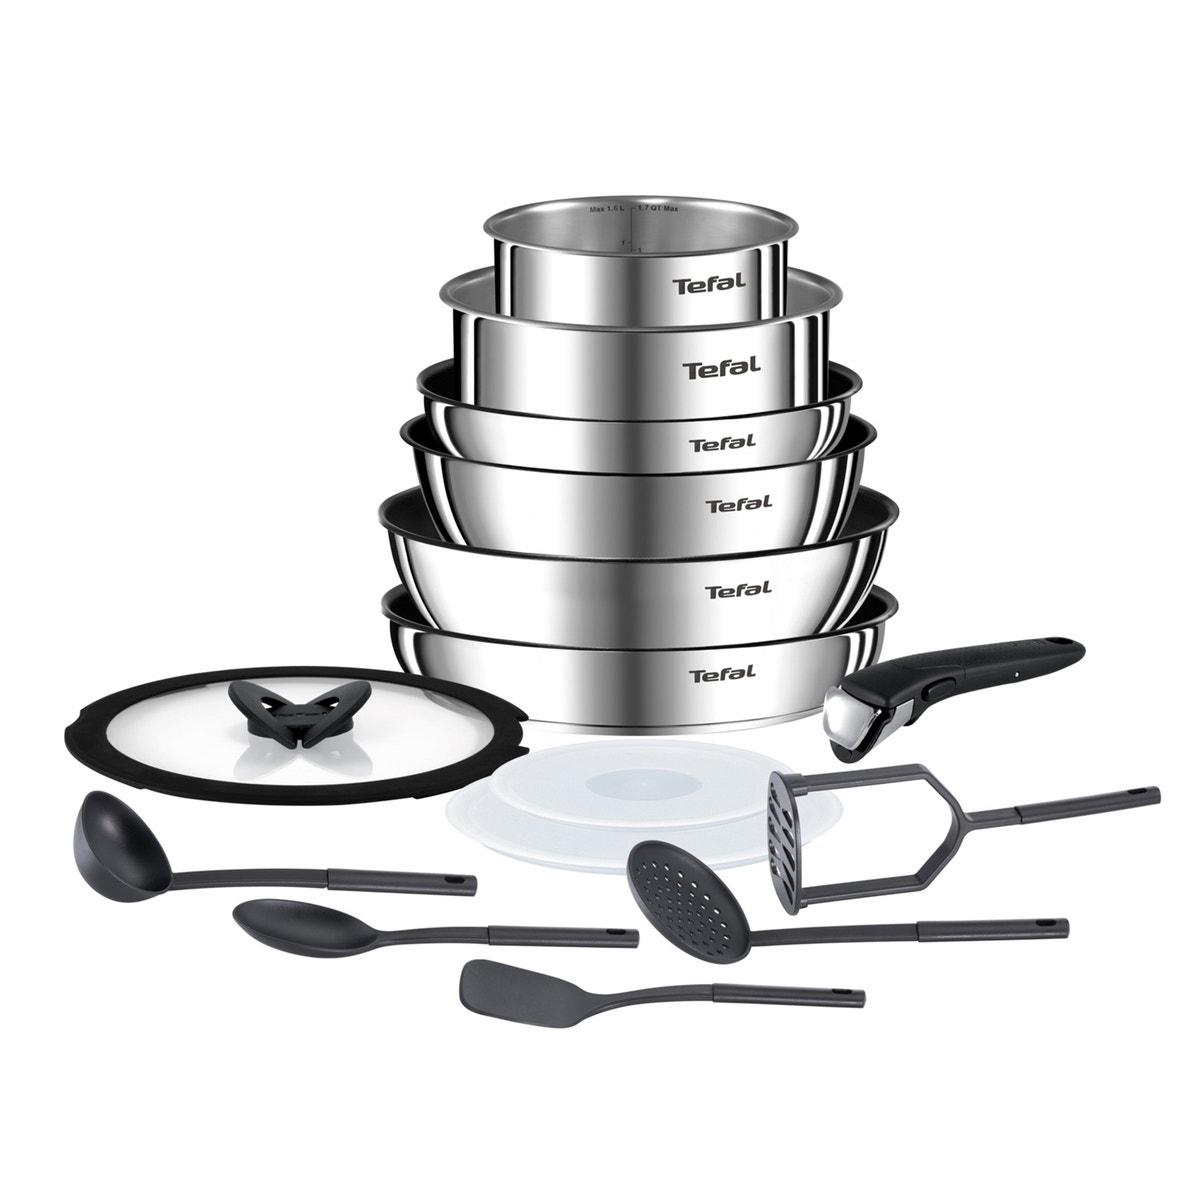 Ingénio Émotion 15-piece cookware set £140 at La Redoute